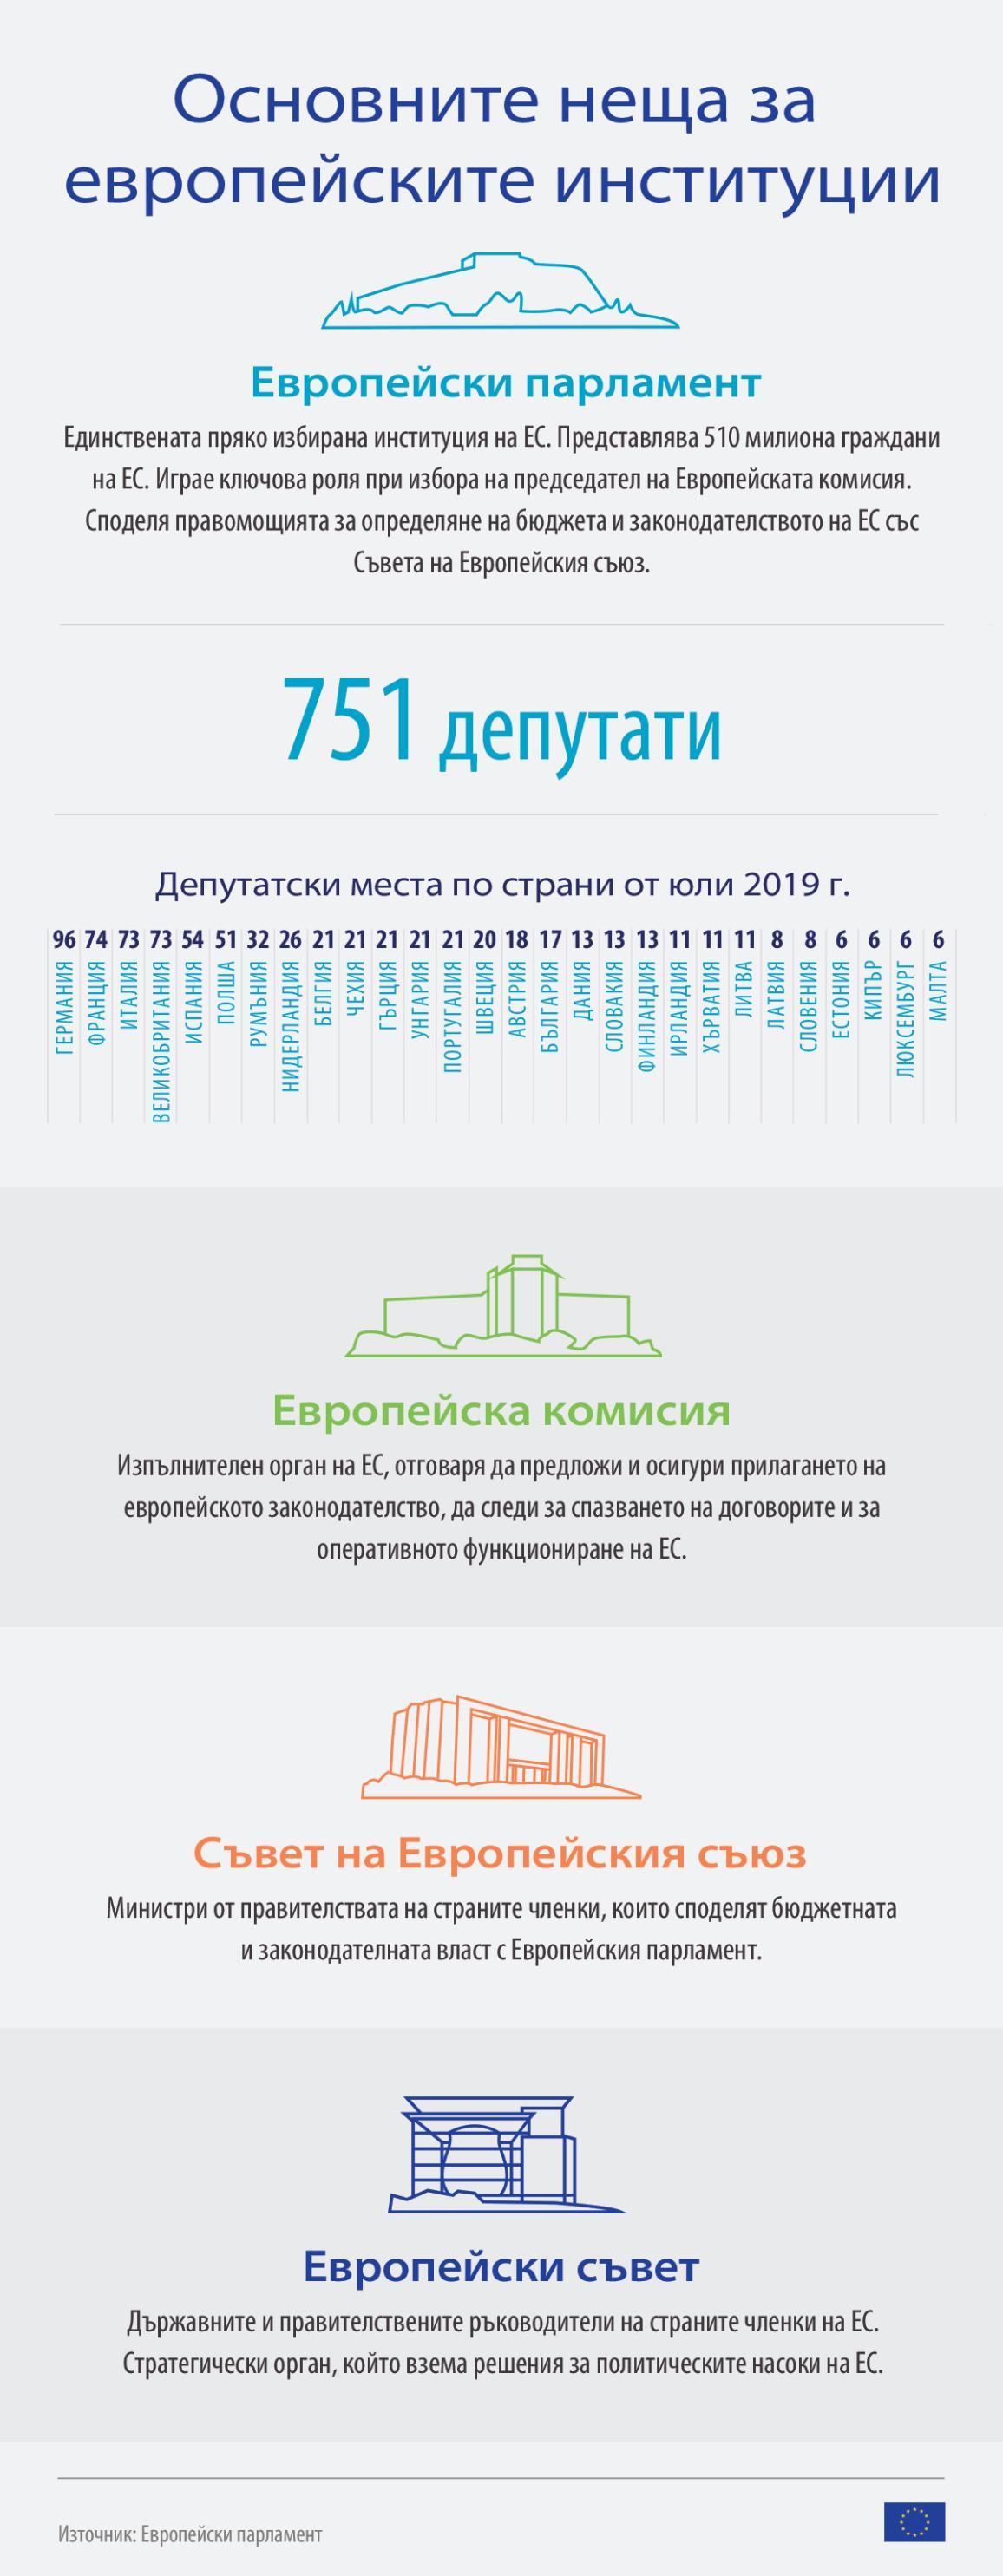 Инфографика за ролята на европейските институции (Парламент, Комисия, Съвет на ЕС и Европейски съвет)